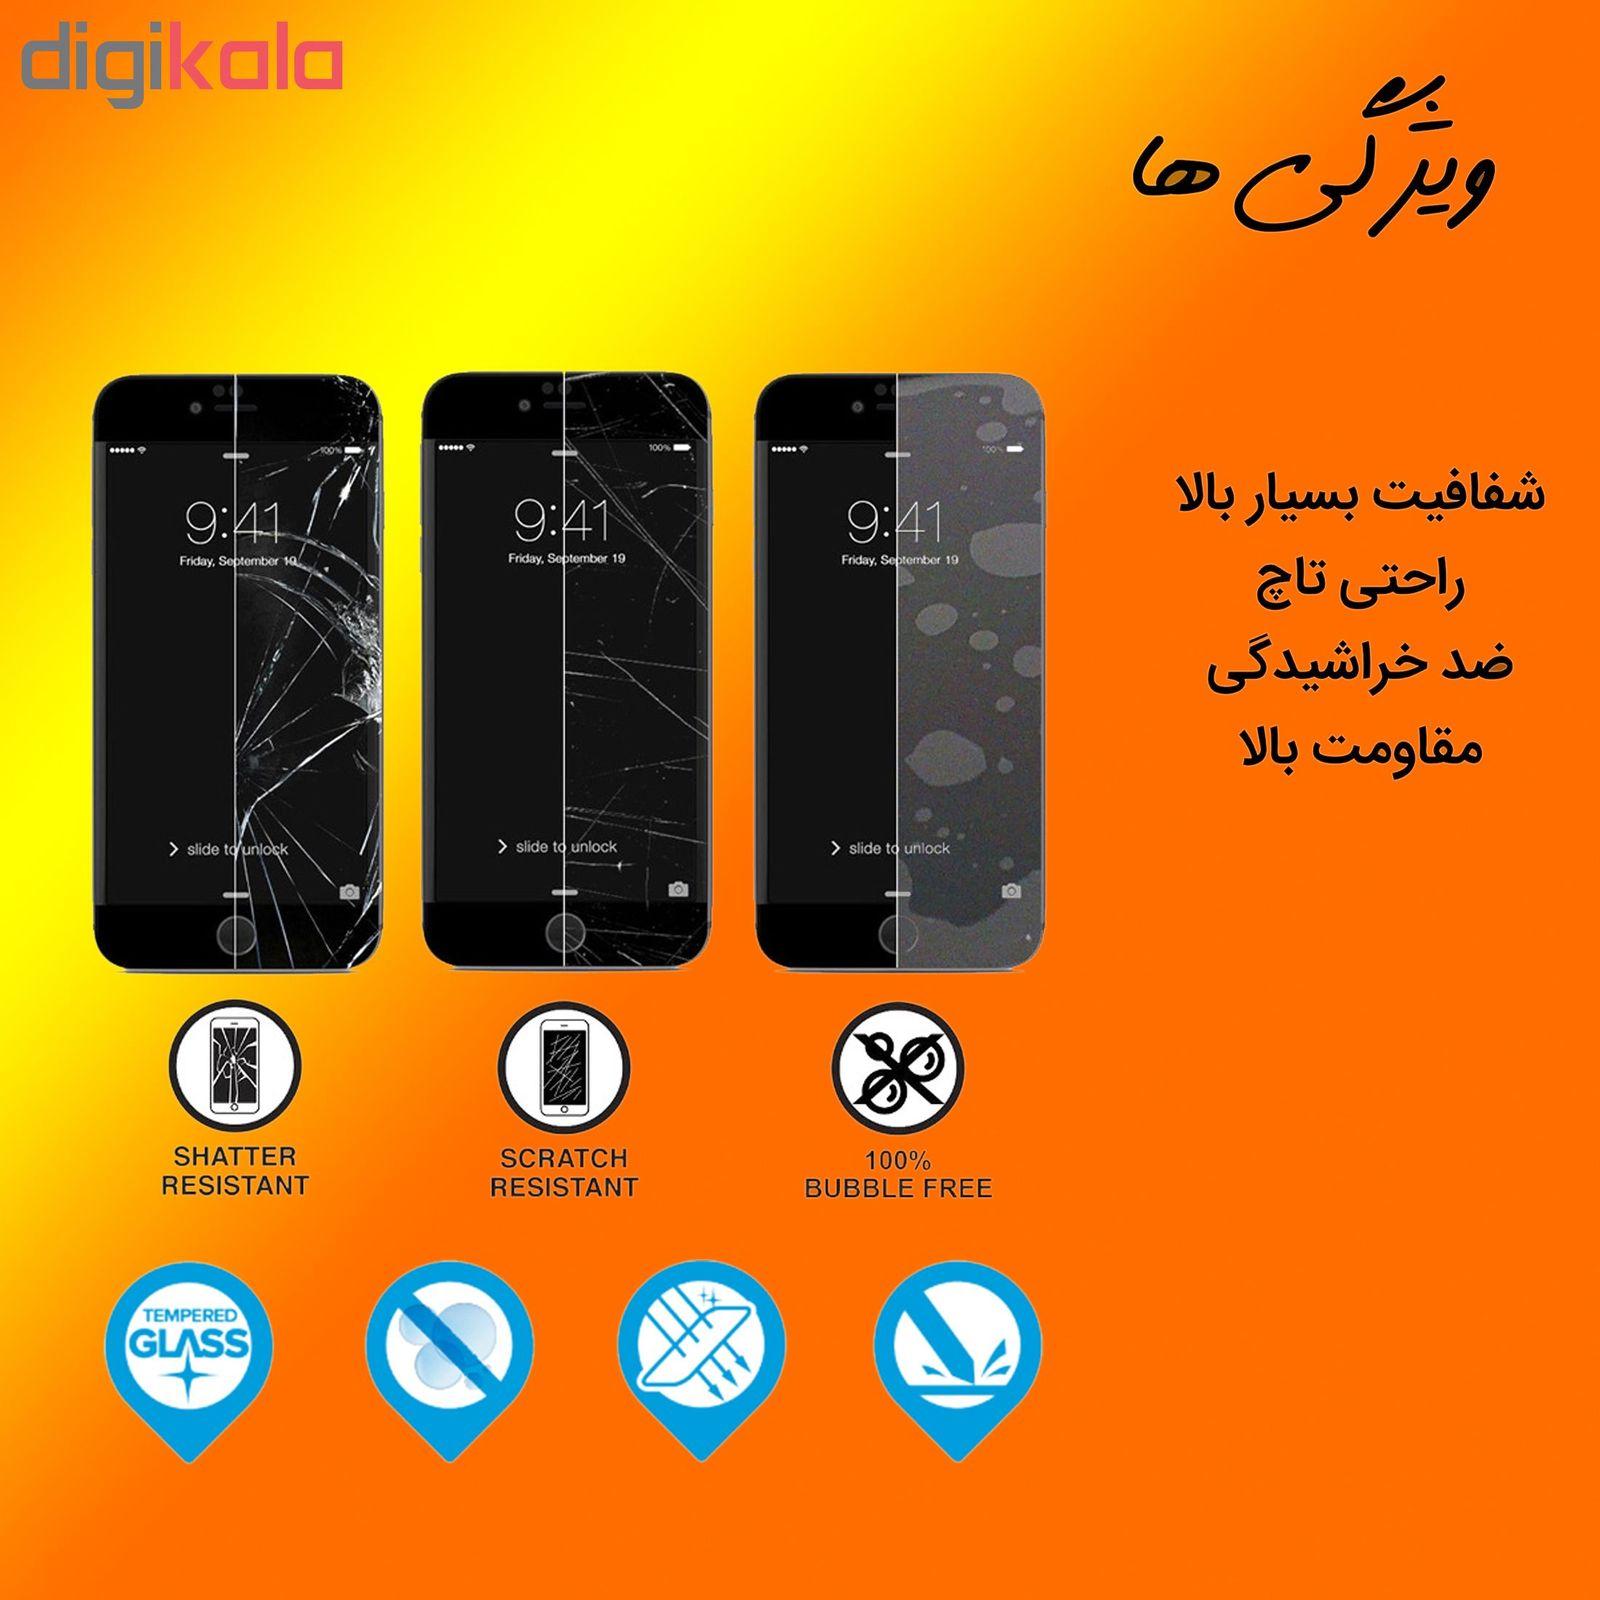 محافظ صفحه نمایش مات Hard and thick مدل F-01 مناسب برای گوشی موبایل سامسونگ Galaxy A30 main 1 2